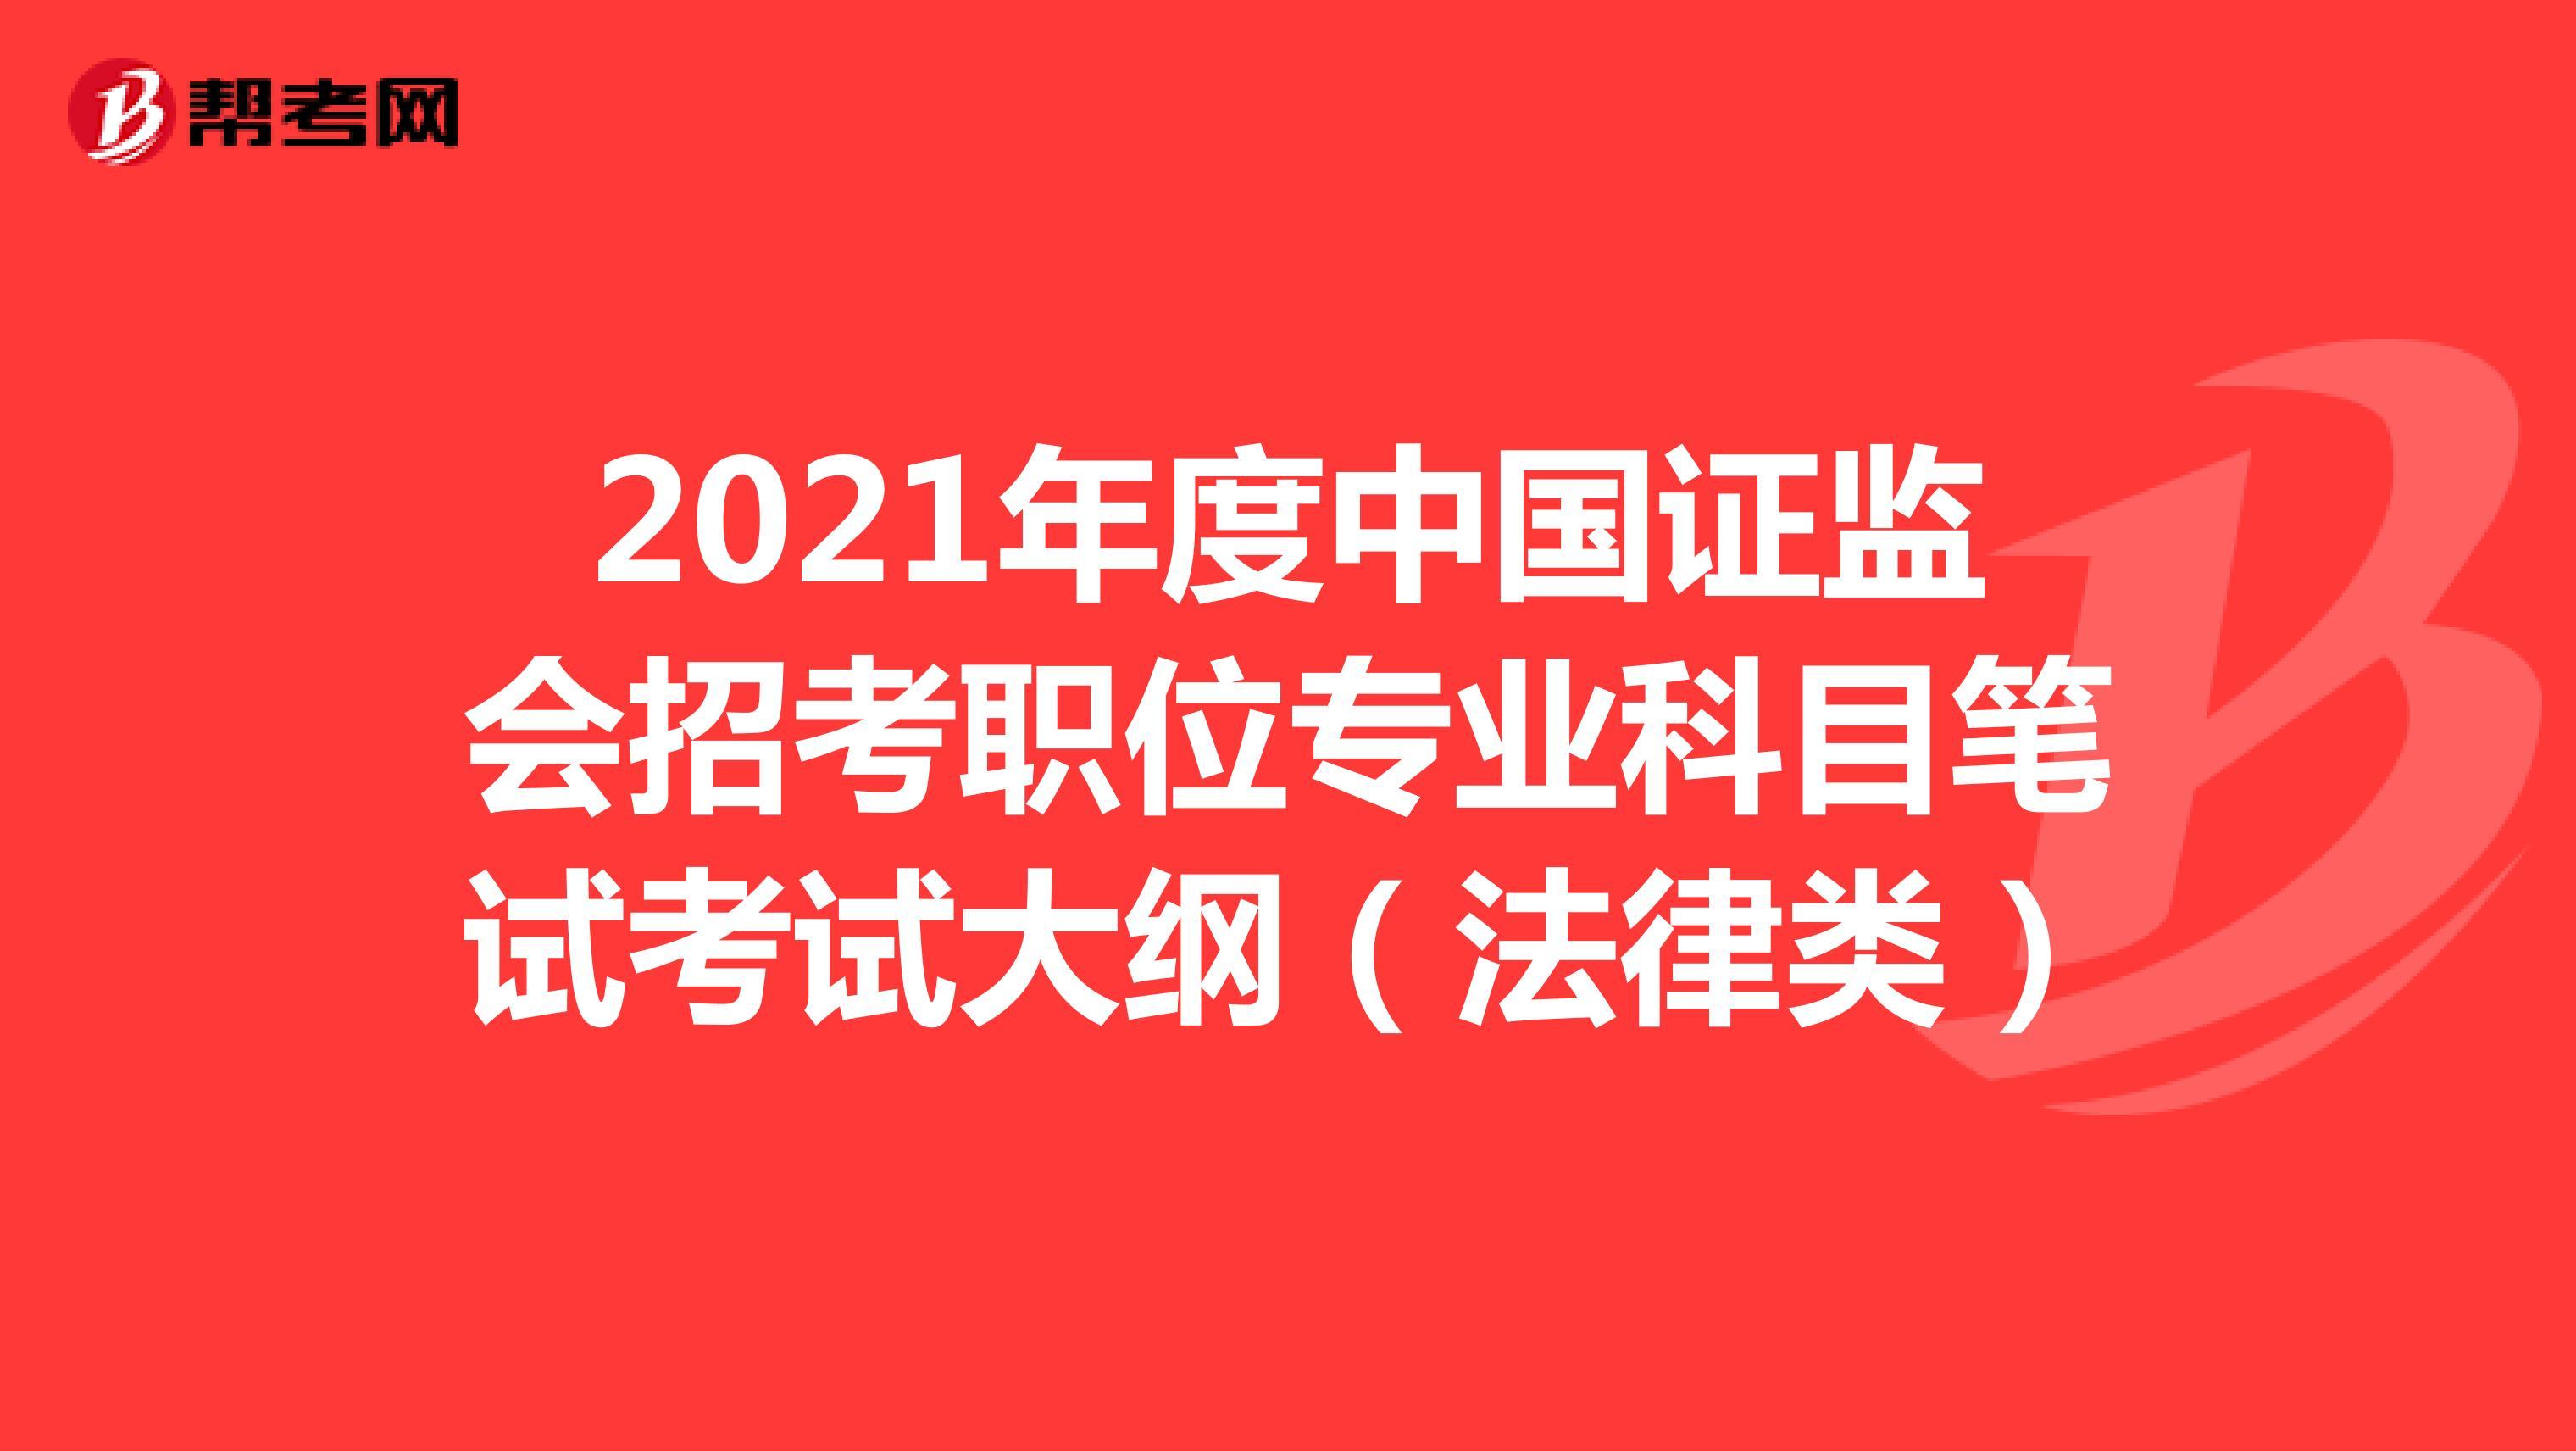 2021年度中国证监会招考职位专业科目笔试考试大纲(法律类)